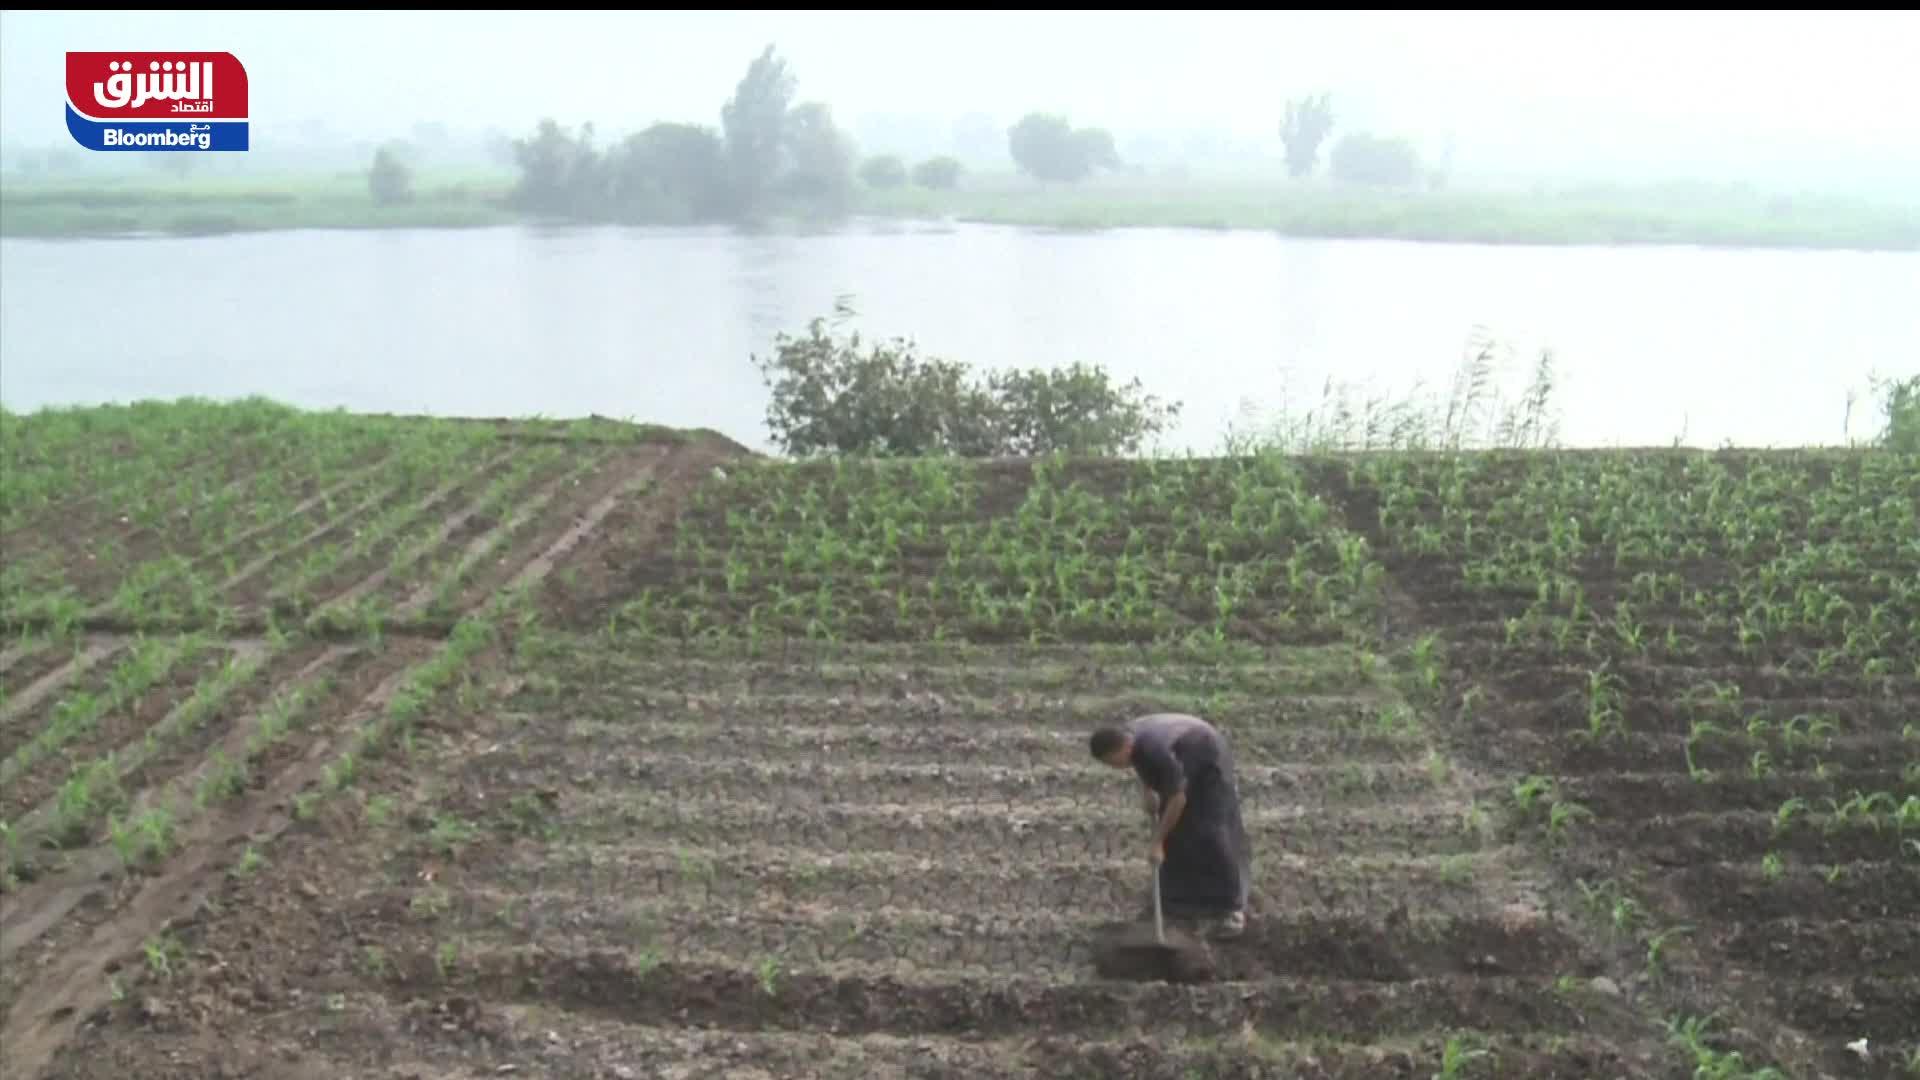 القطاع الزراعي في مصر يواجه تحديات مع تصاعد مخاطر سد النهضة